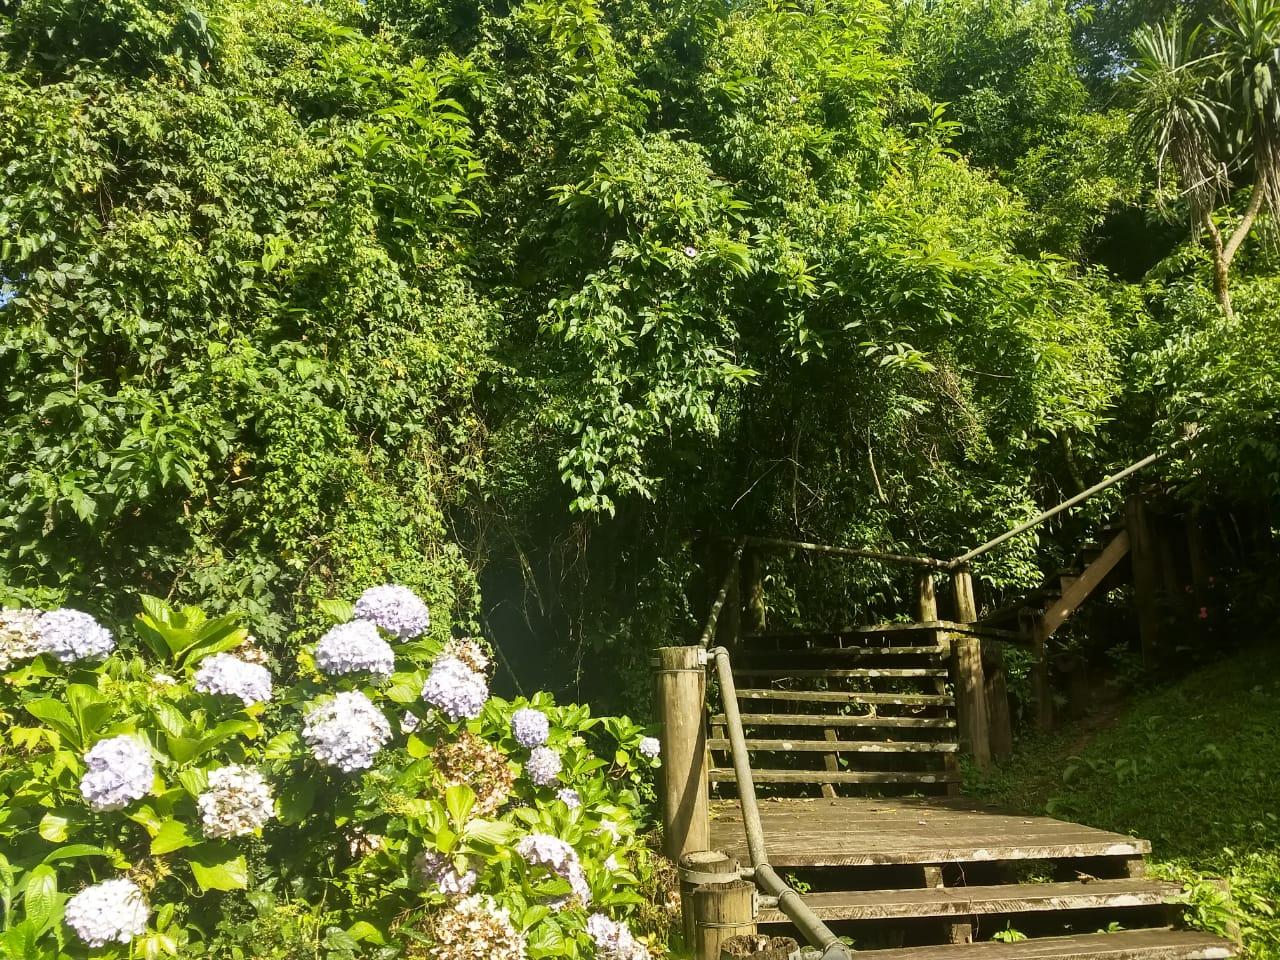 Escadaria ao lado da margem